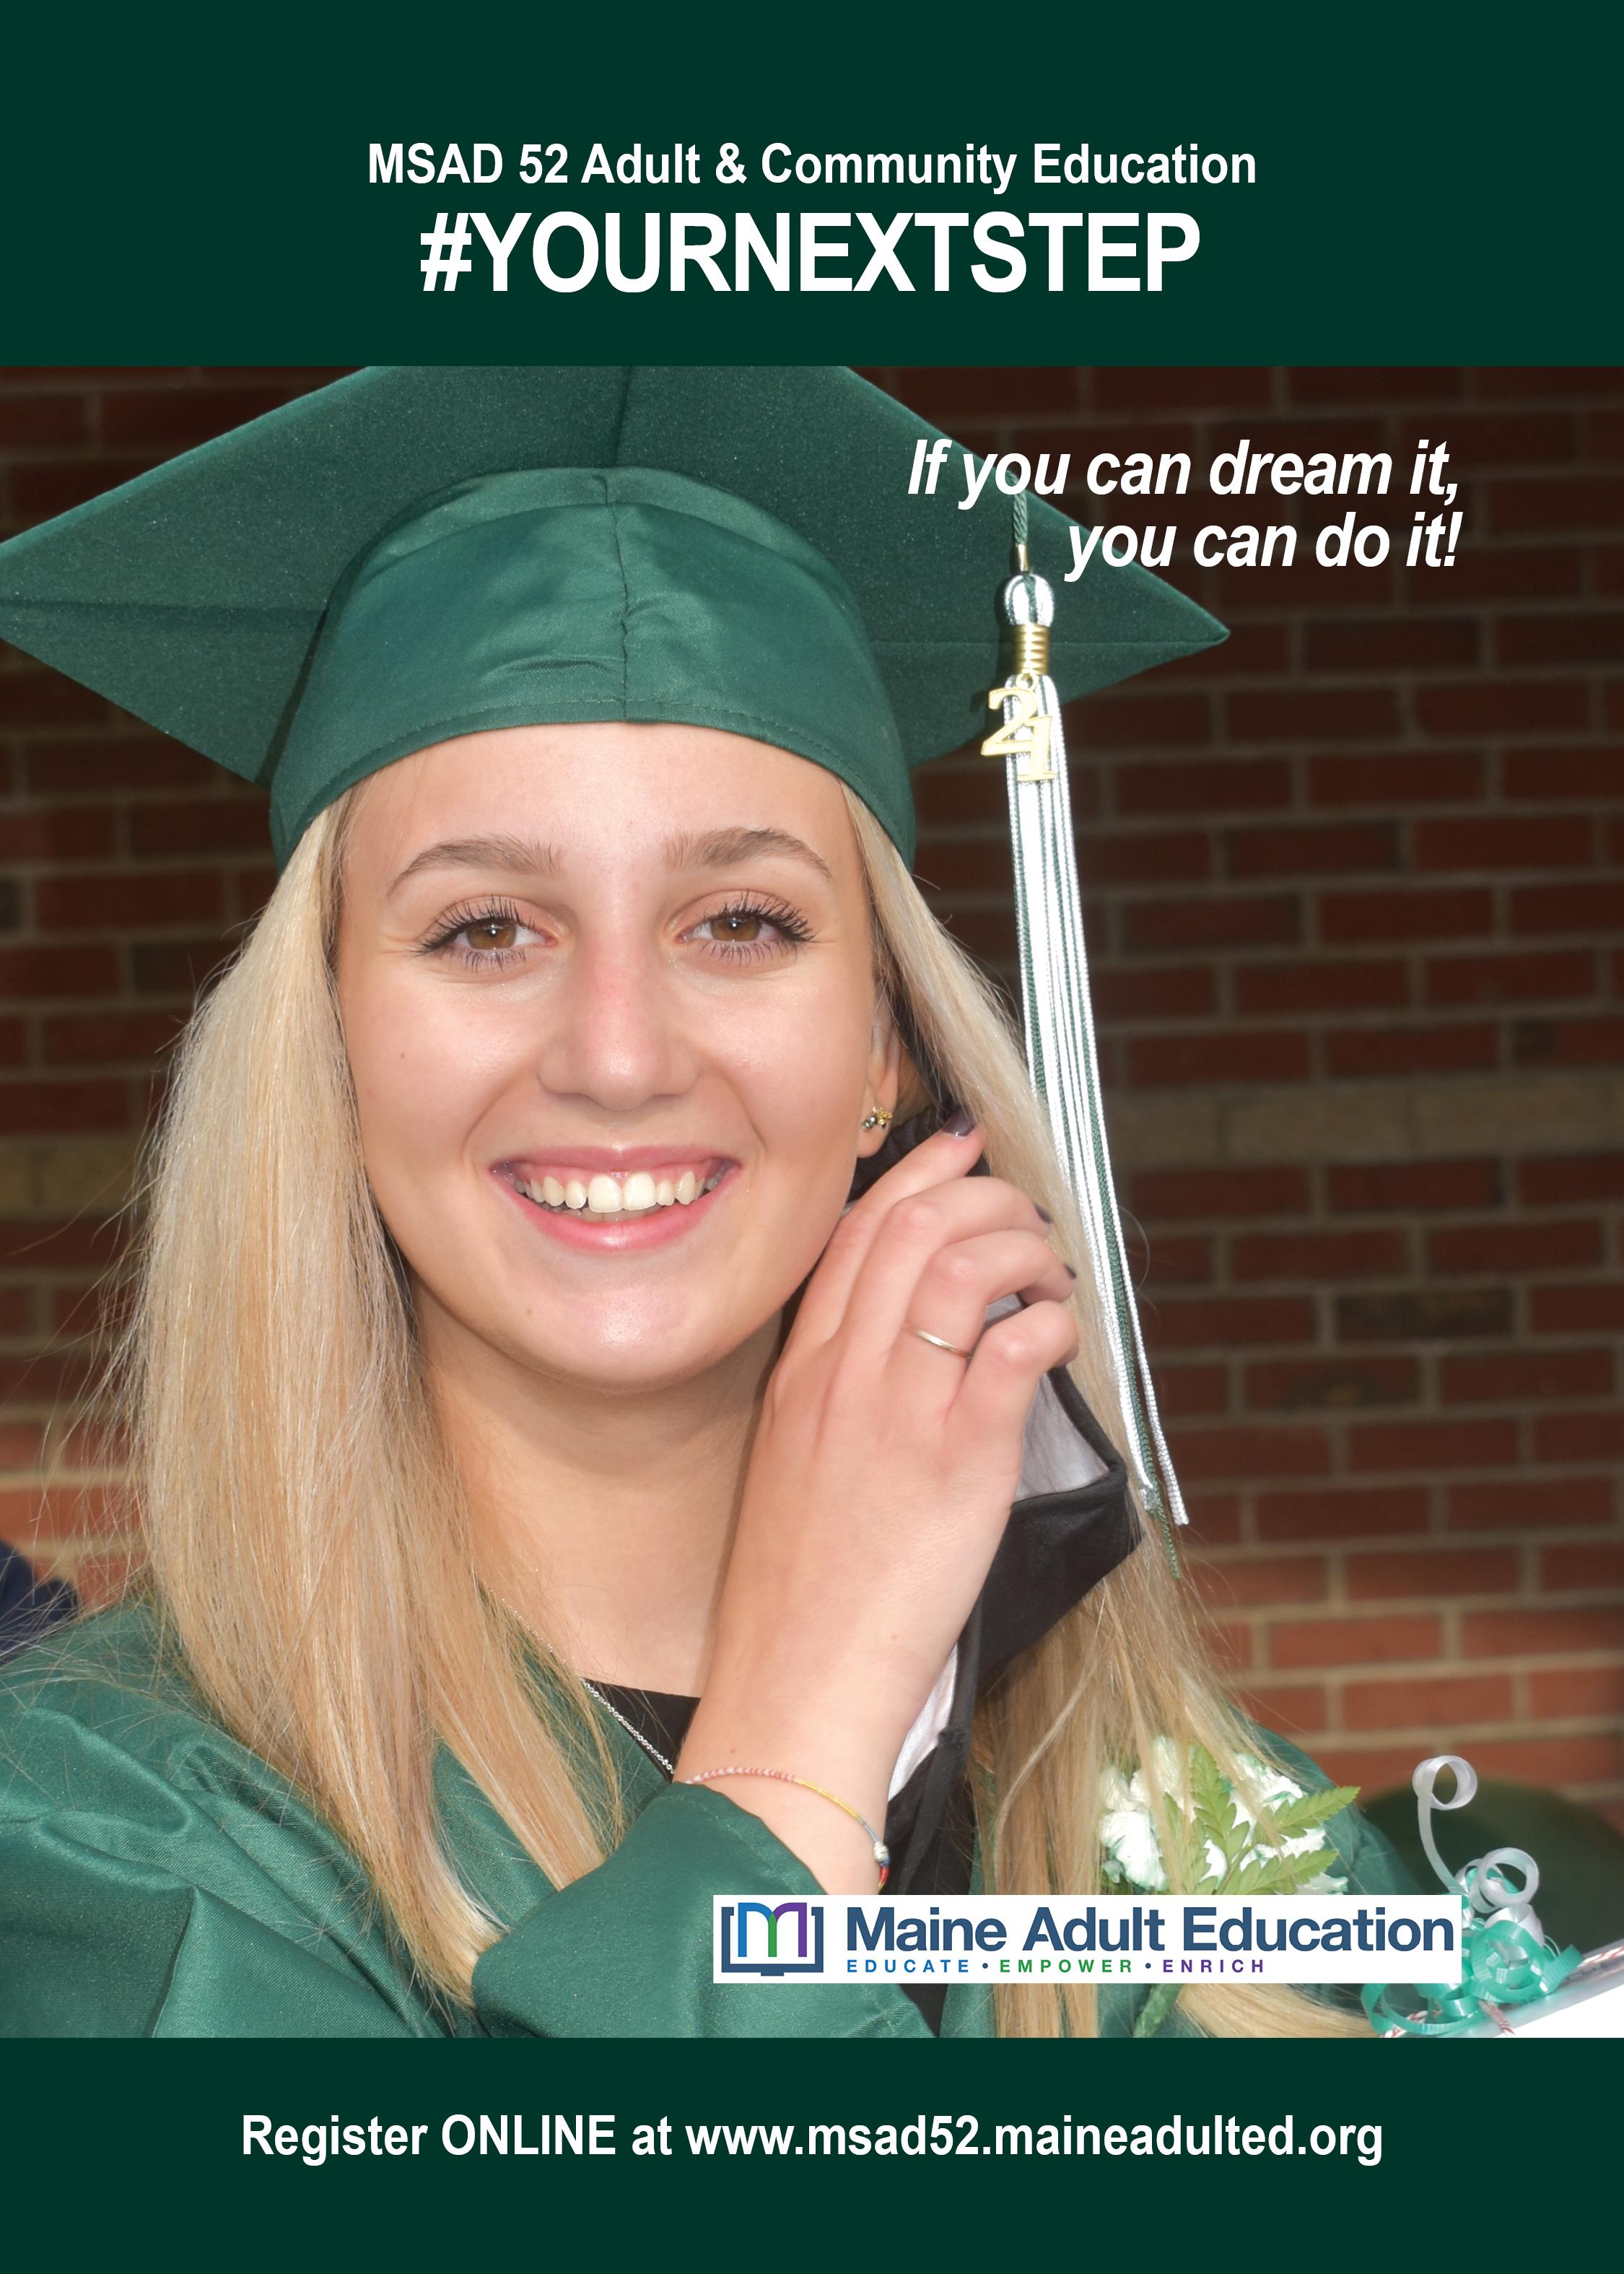 MSAD52 Adult & Community Education image #2615